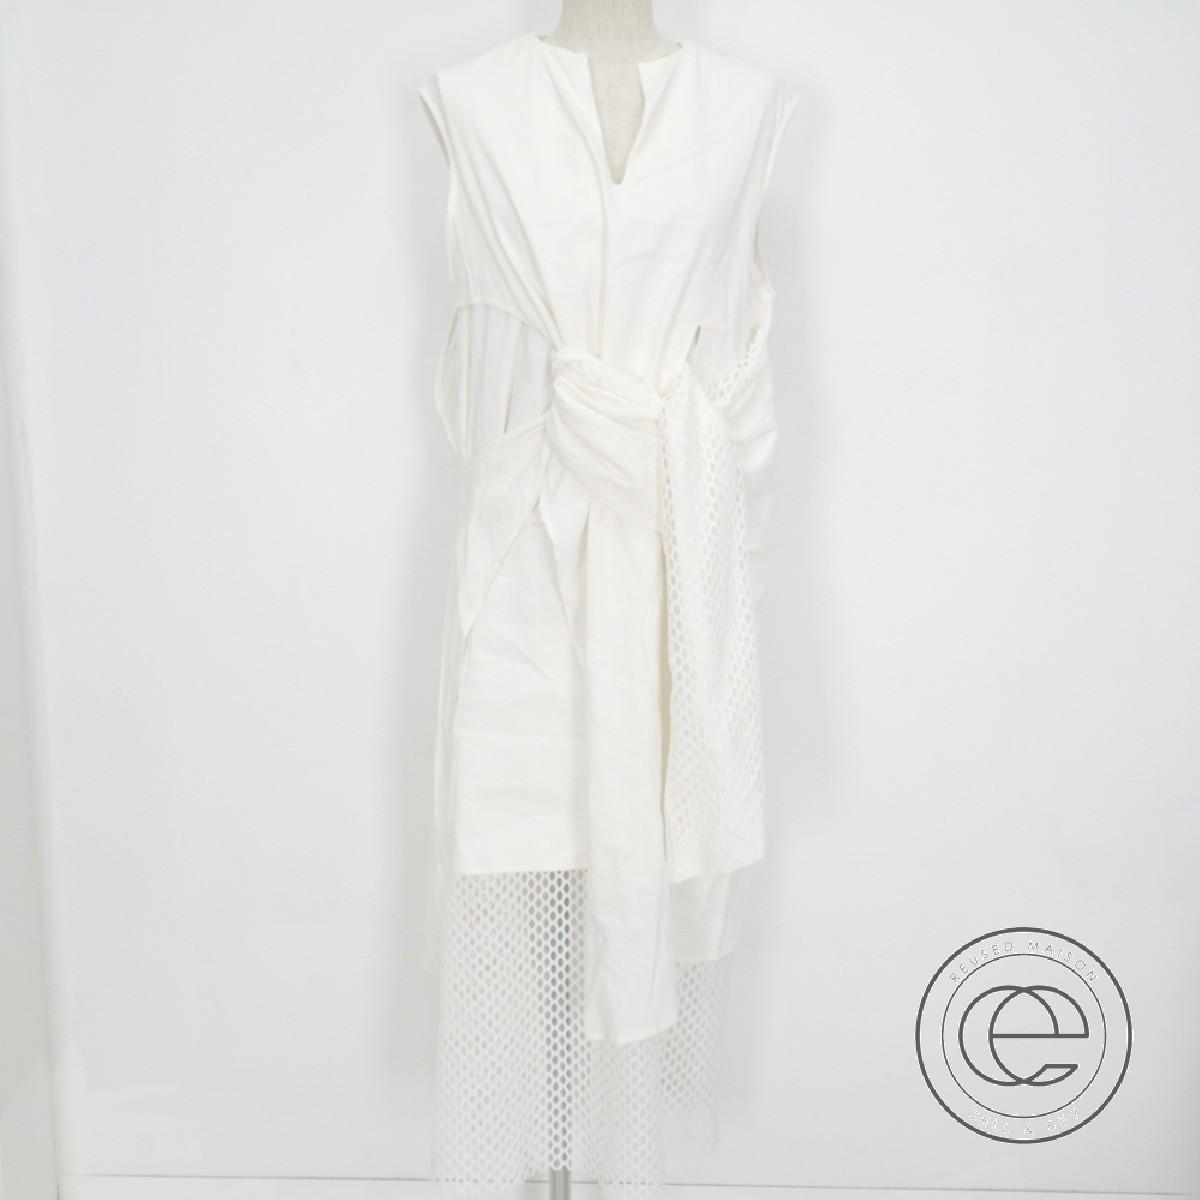 UN3D. アンスリード 521710302701 MESH SASH DRAPE DRESSメッシュサッシュドレープドレス/ ワンピースF ホワイト レディース 【中古】